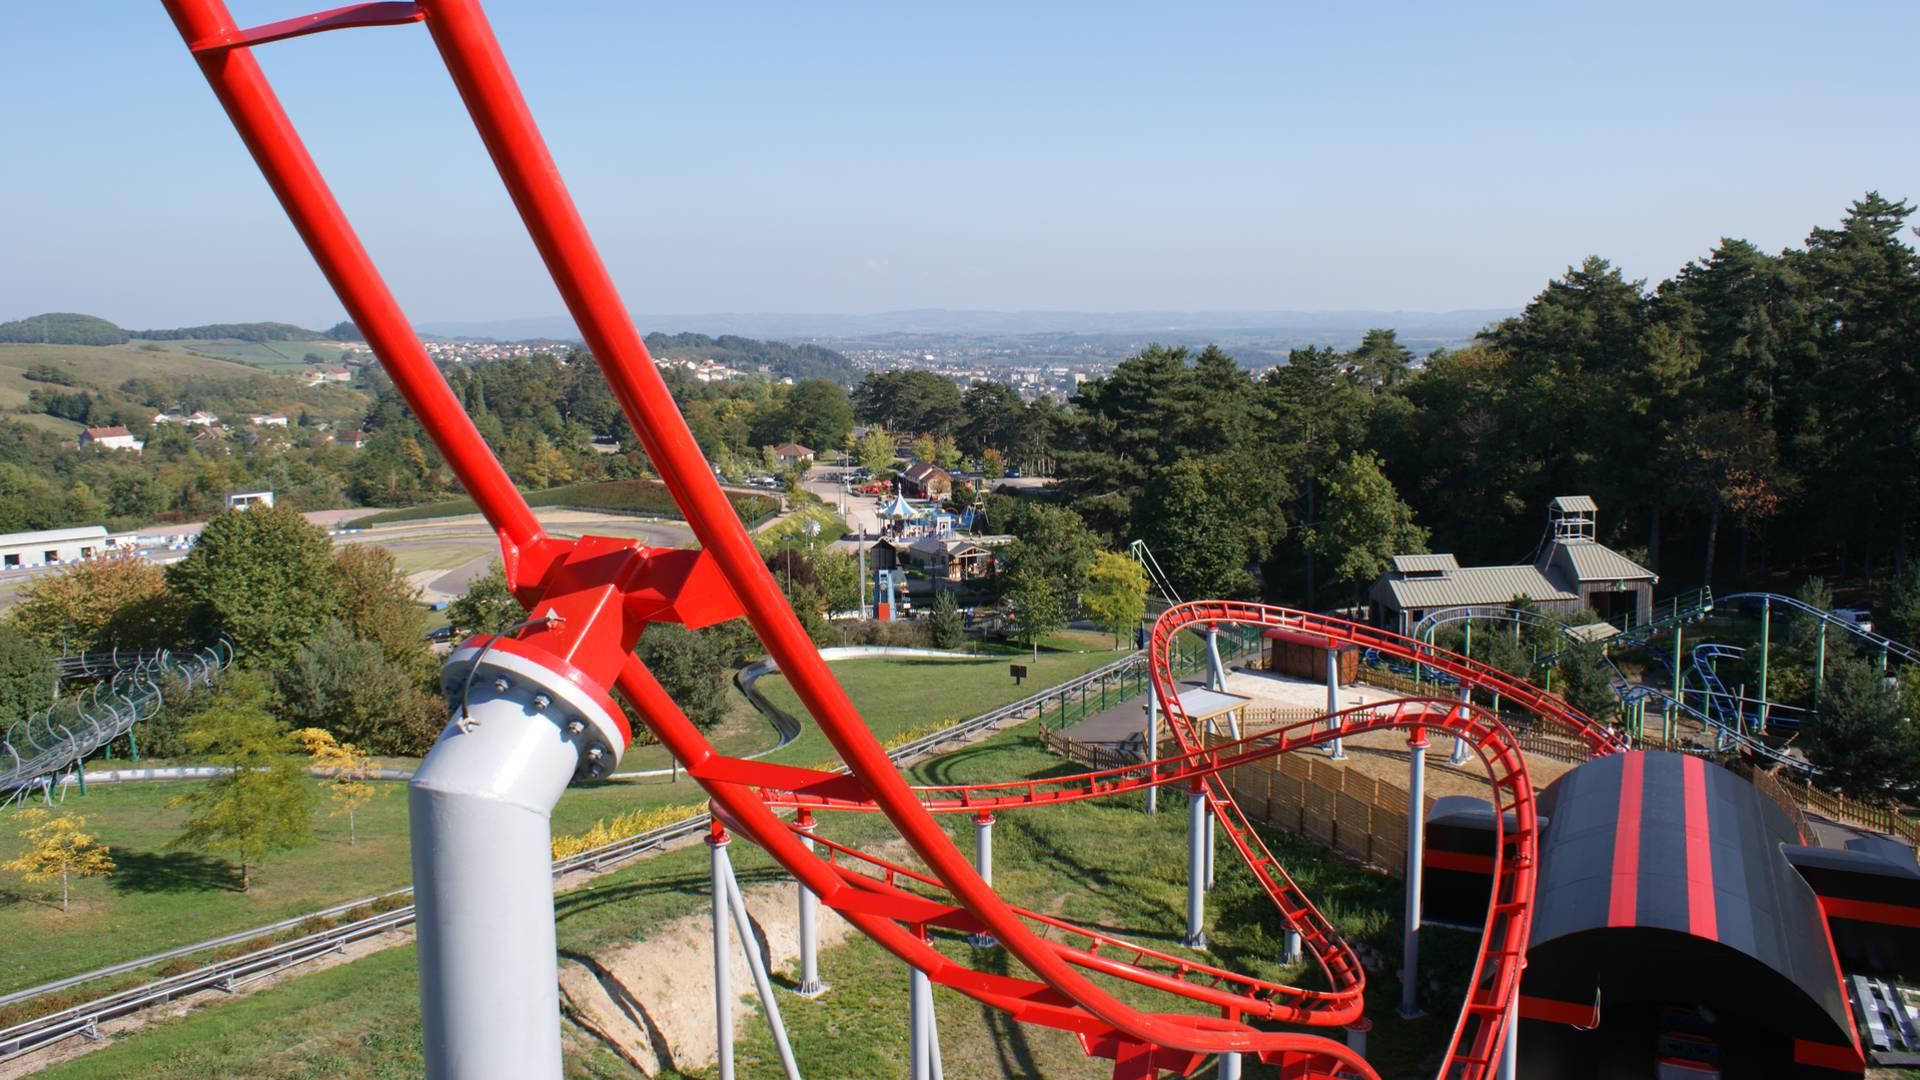 Du haut du Boomerang au Parc des Combes, Le Creusot. © Parc des Combes.